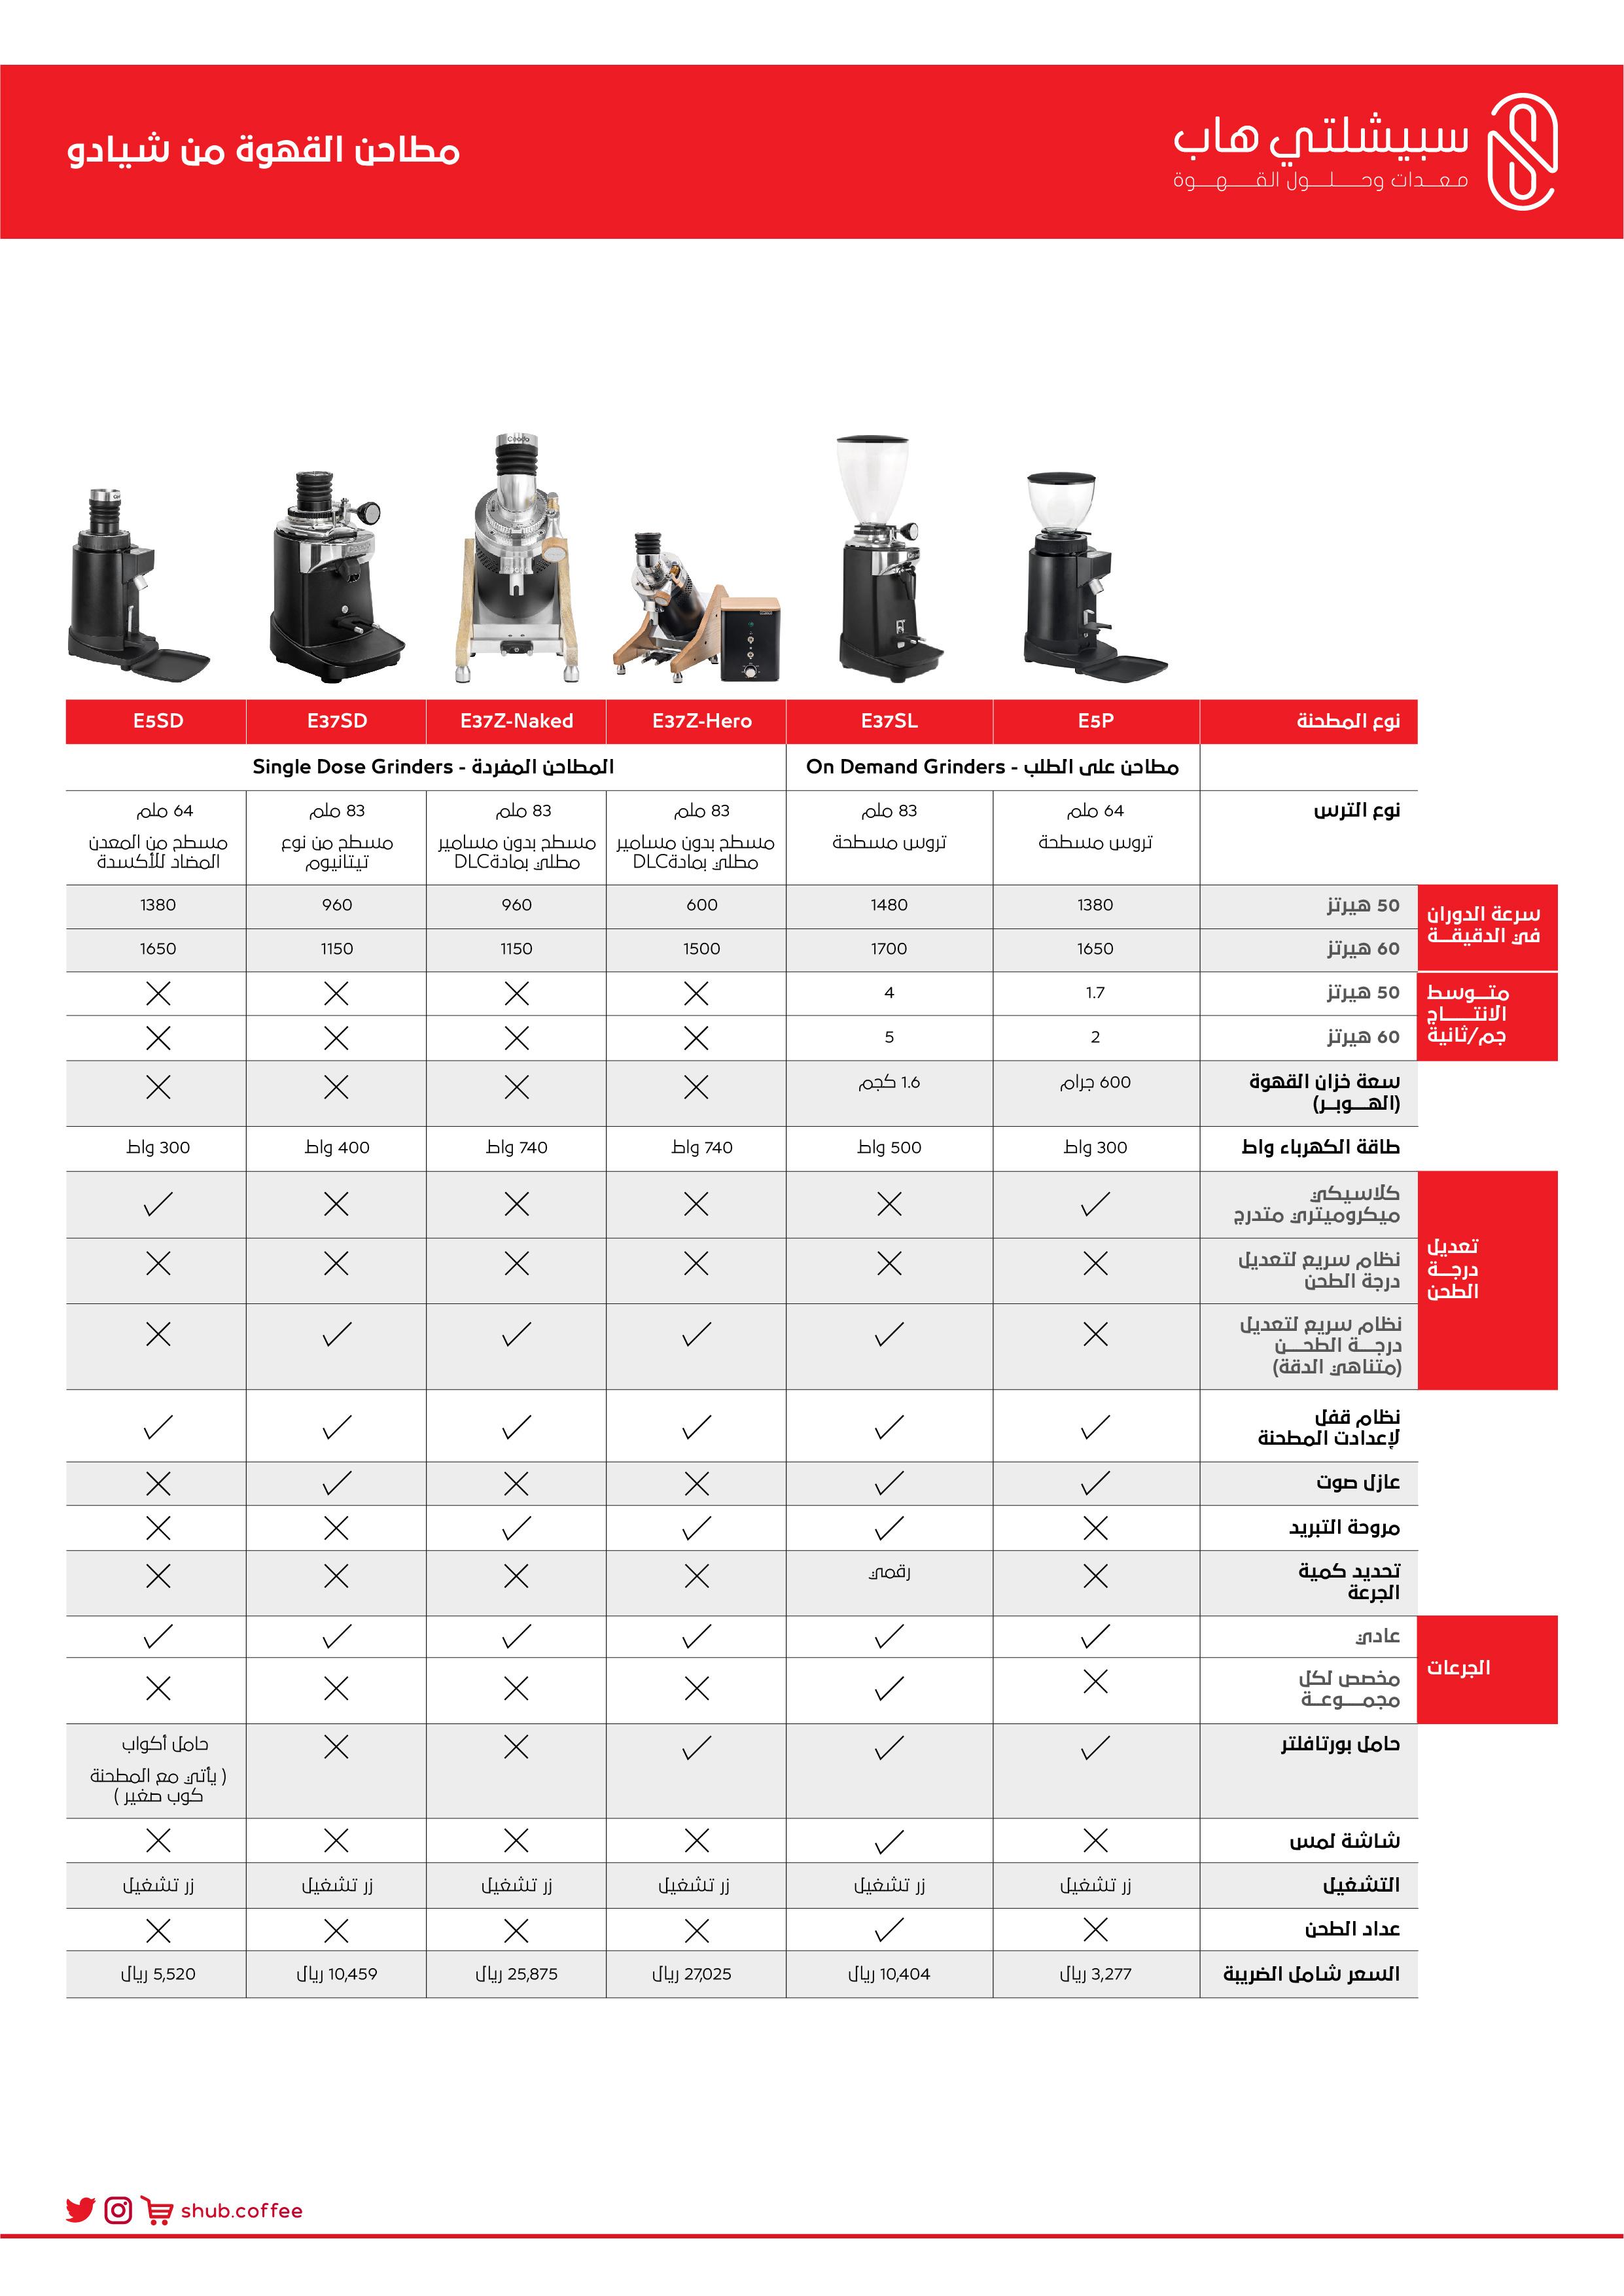 New Ceado table-02.jpg